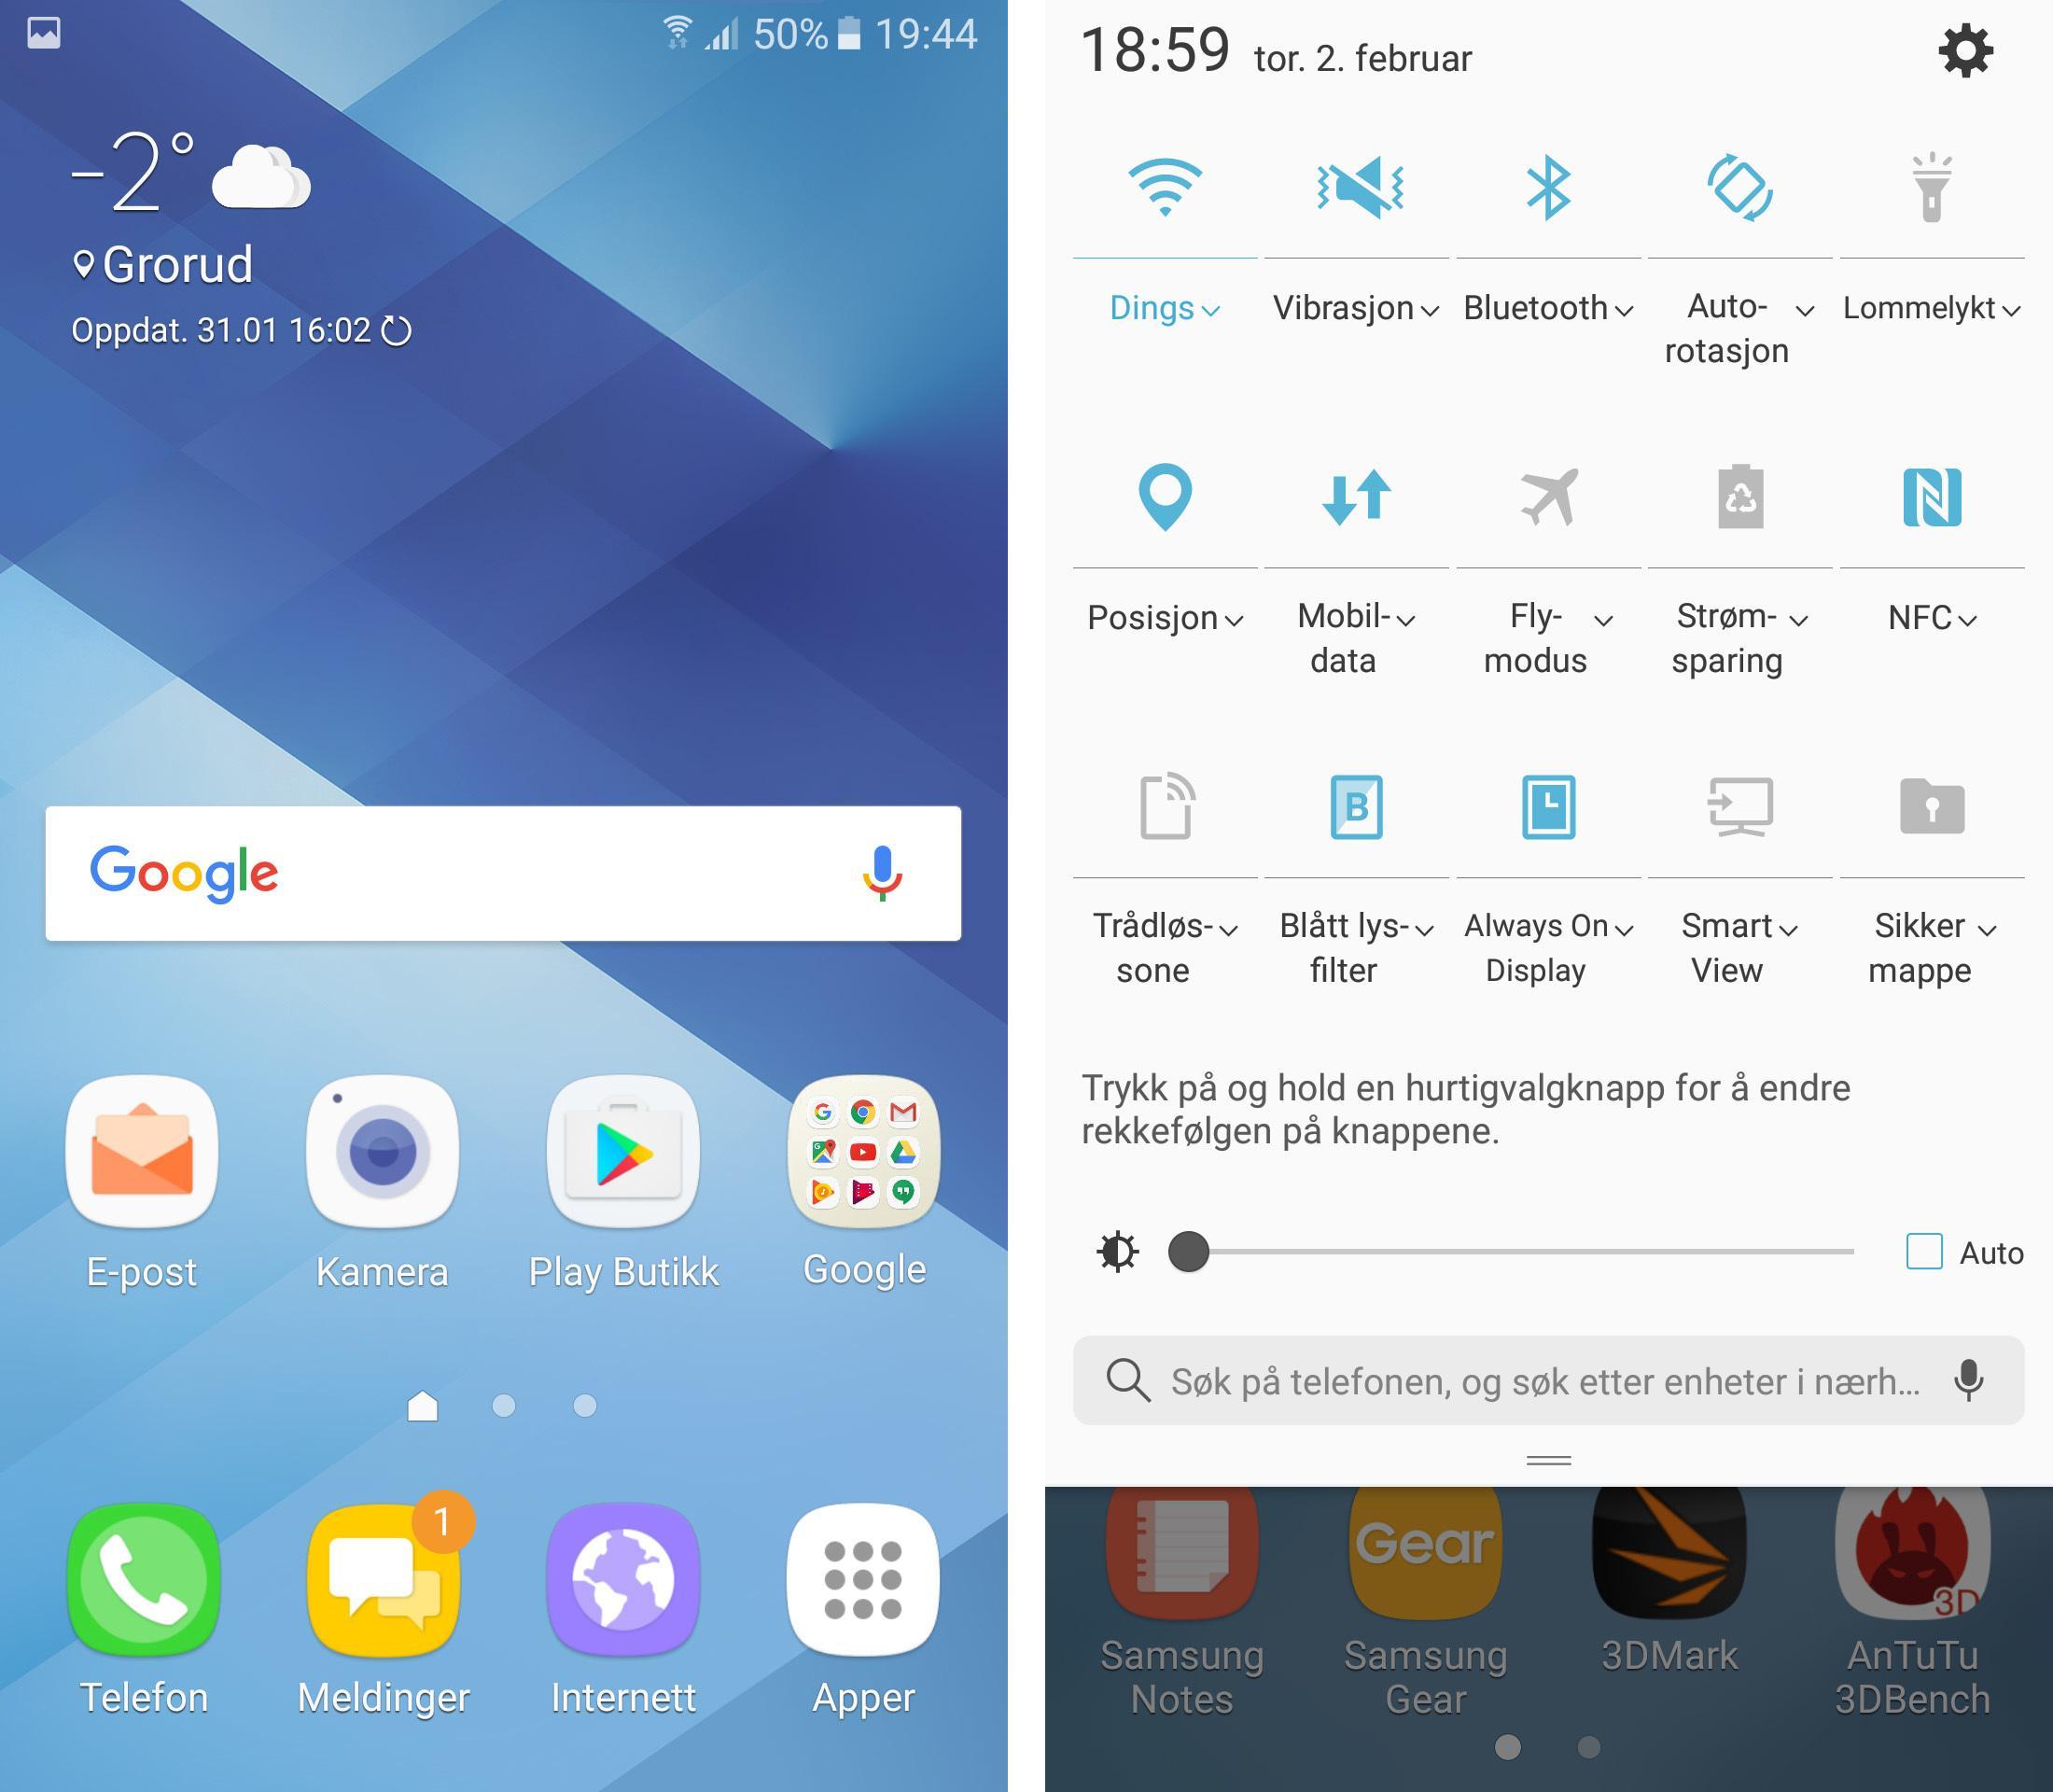 Samsungs Touch Wiz har ikke endret seg så mye strukturelt de siste årene. Det er stadig enkelt å bruke, selv om det har fått et renere utseende med tiden.